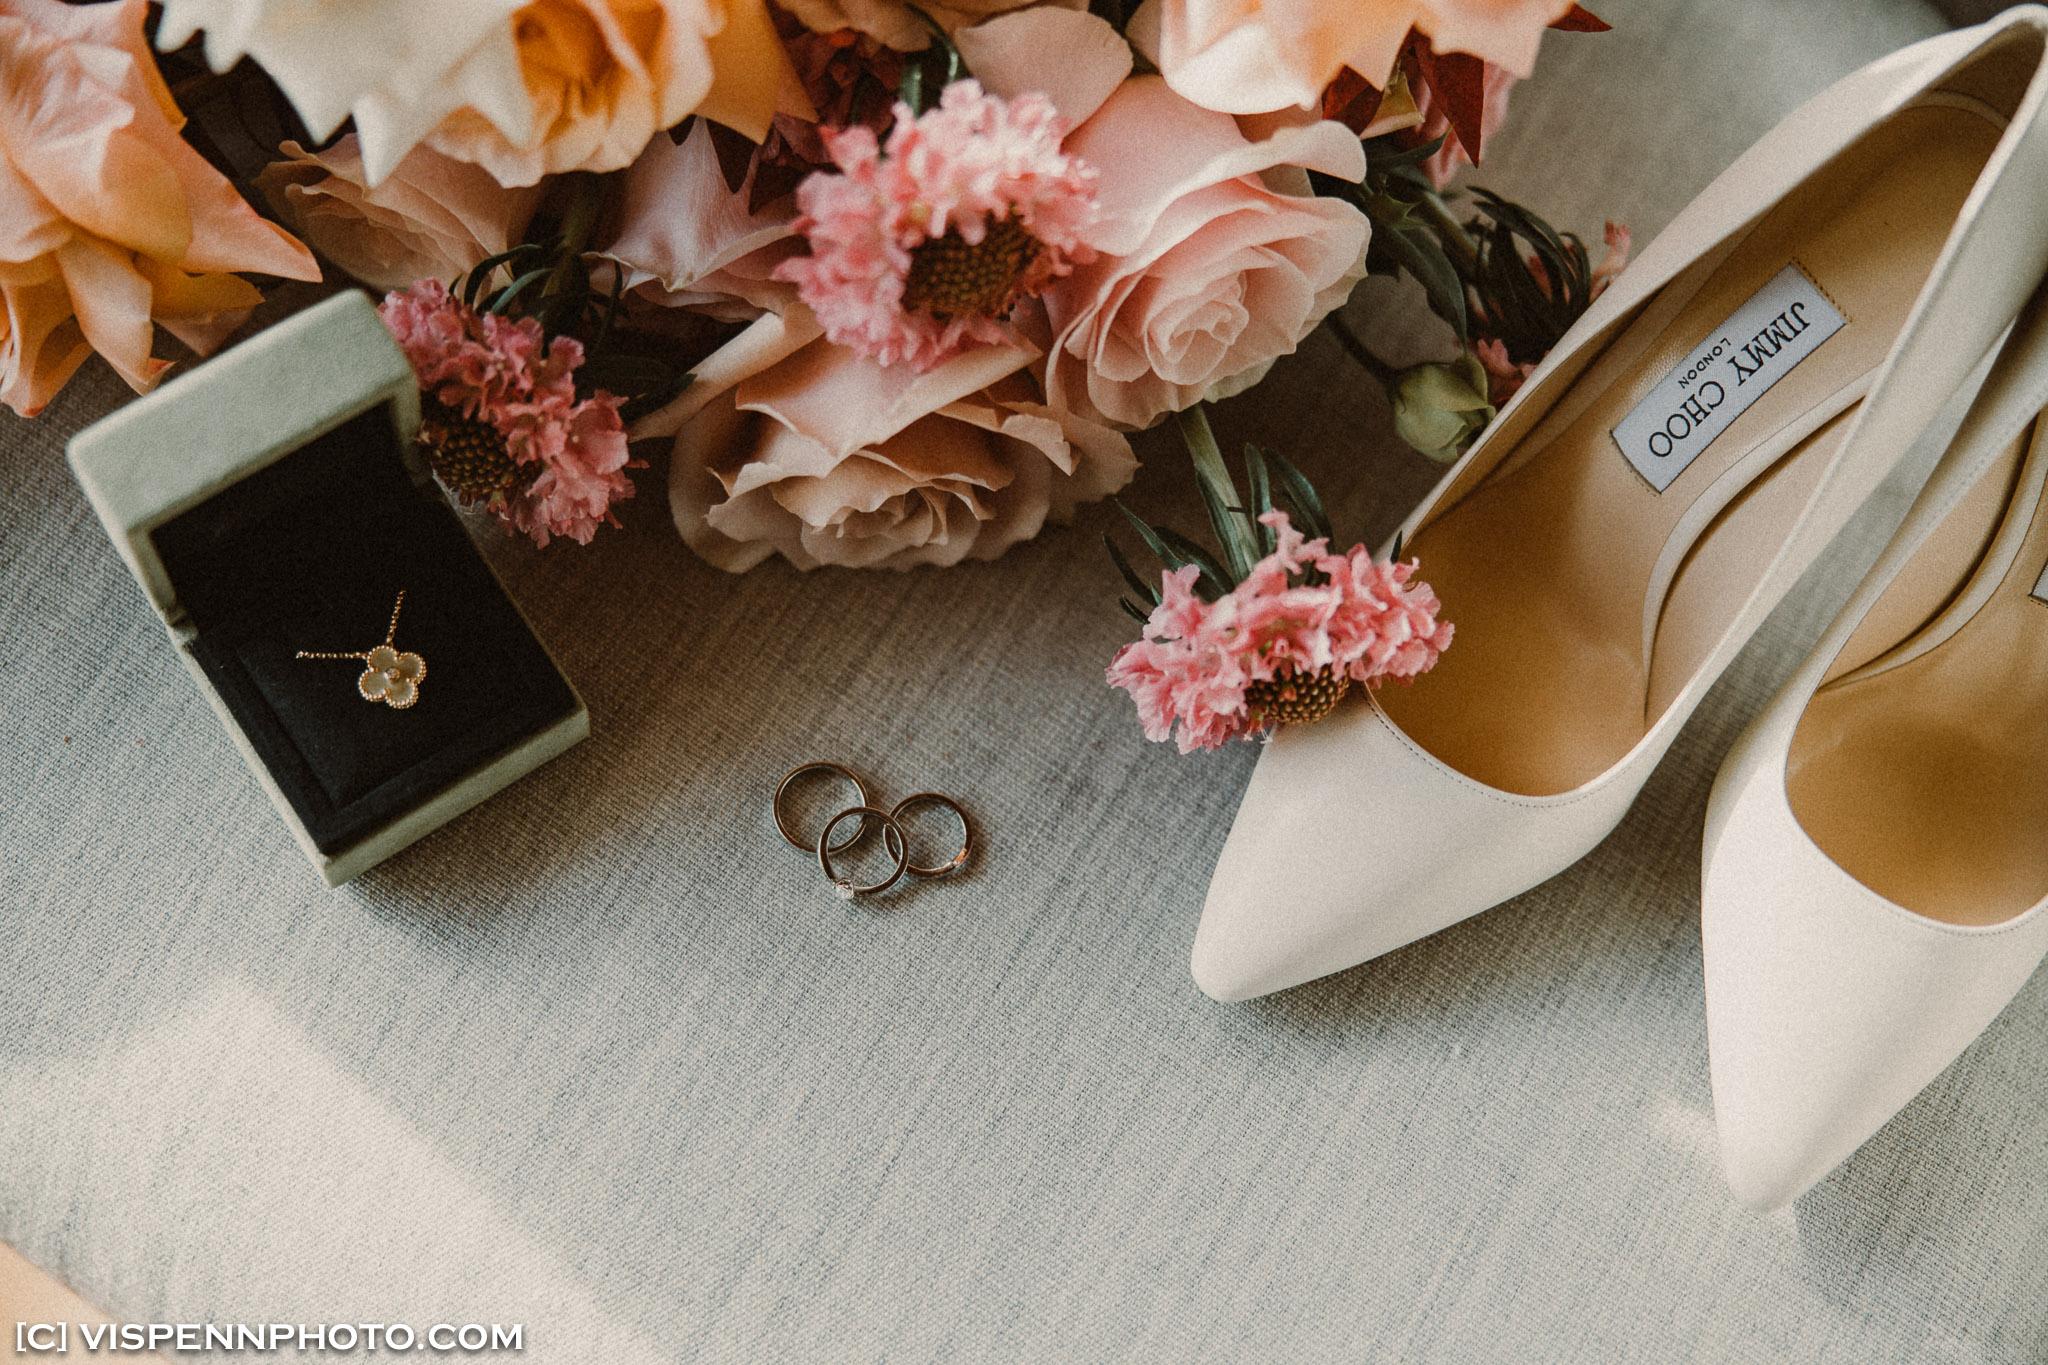 WEDDING DAY Photography Melbourne DominicHelen 1P 1473 EOSR ZHPENN